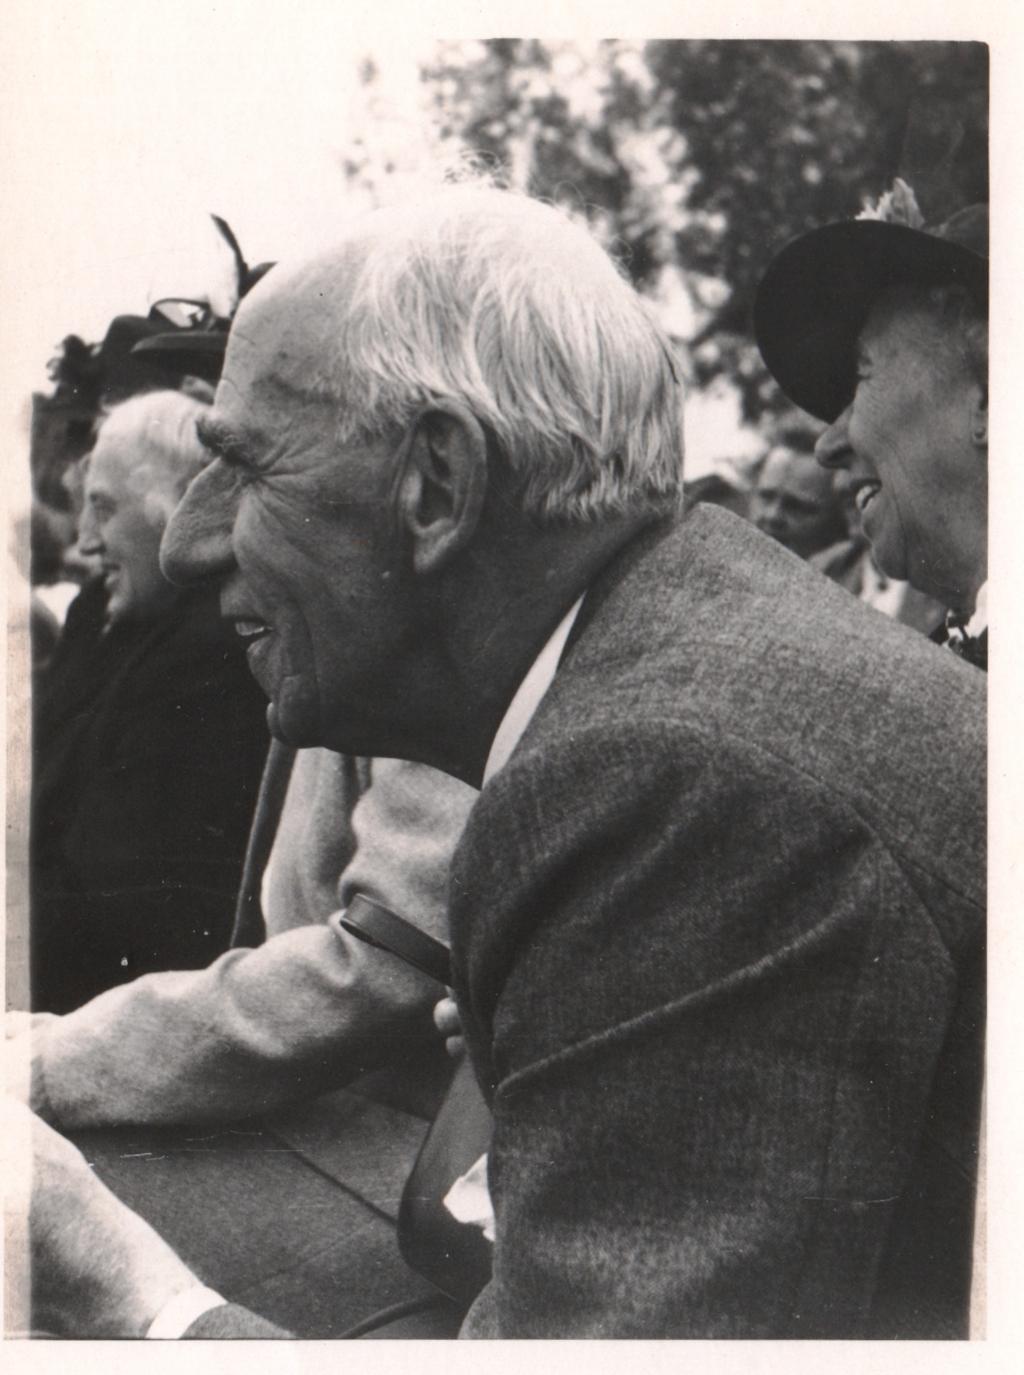 Dokter Paul van Bork rond 1950 Foto L.P. le Grand, collectie Erfgoedcentrum Zutphen. RAZ © Achterhoek Nieuws b.v.